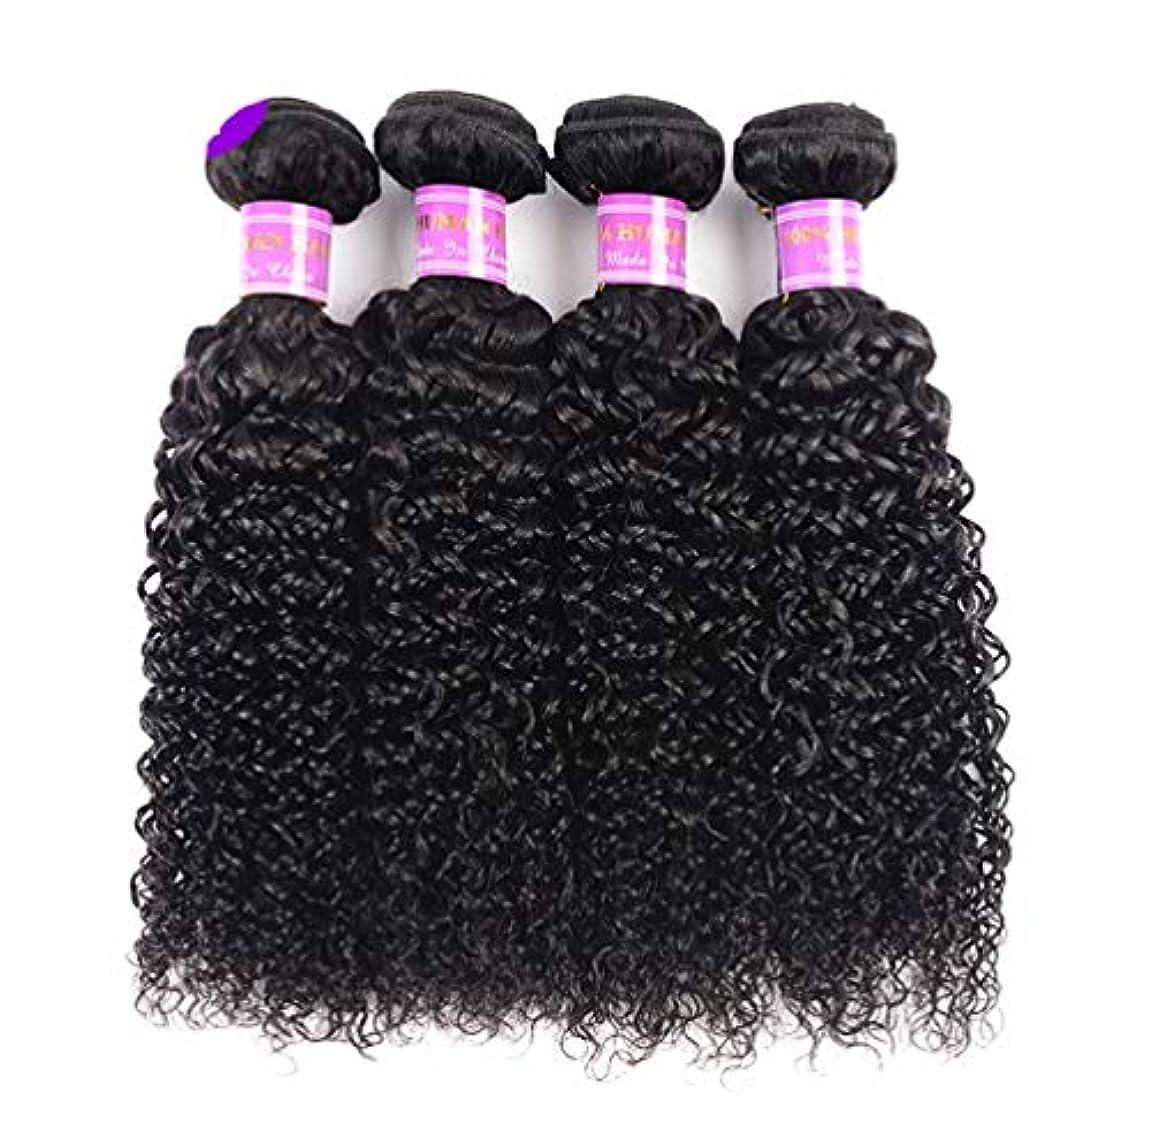 結紮教育甘味女性の髪織りブラジルのバージン人毛ボディウェーブ100%人毛織りナチュラルブラックカラー(3バンドル)